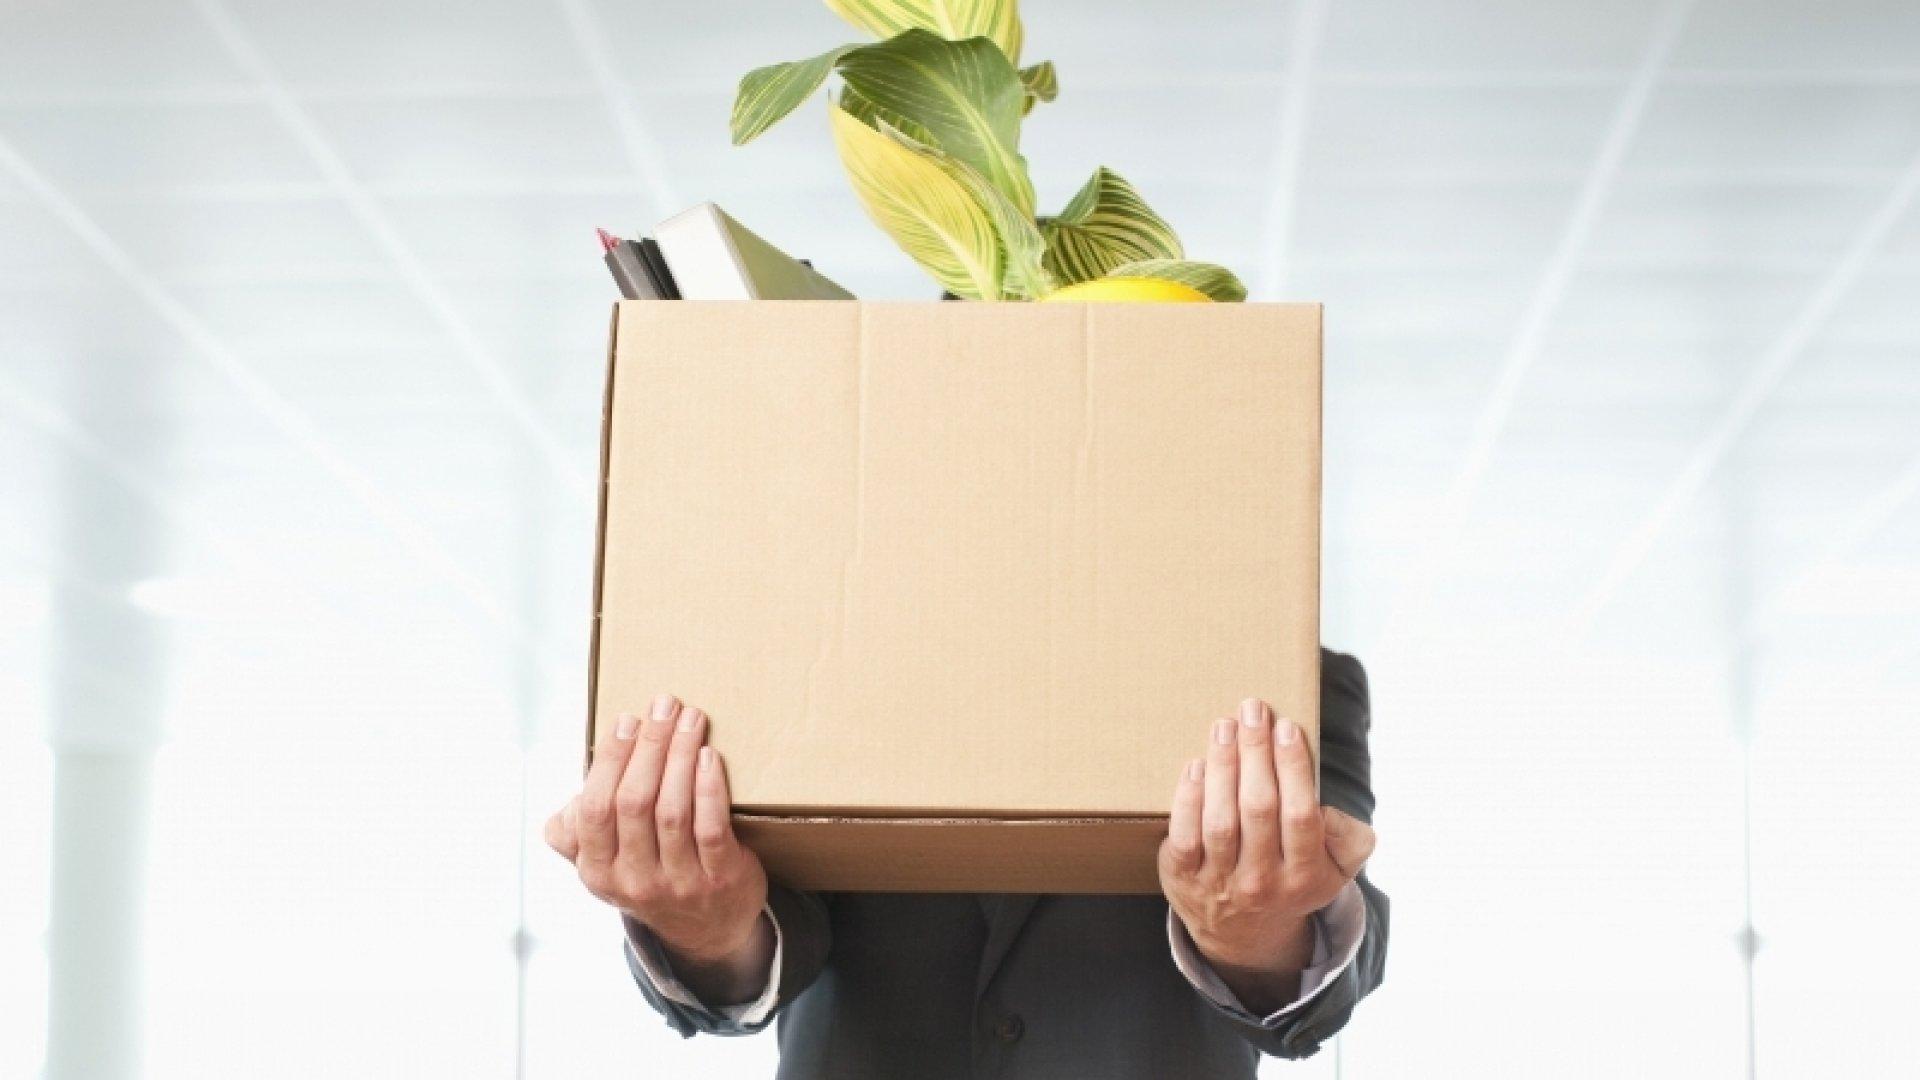 3 Reasons to Fire an Employee Immediately